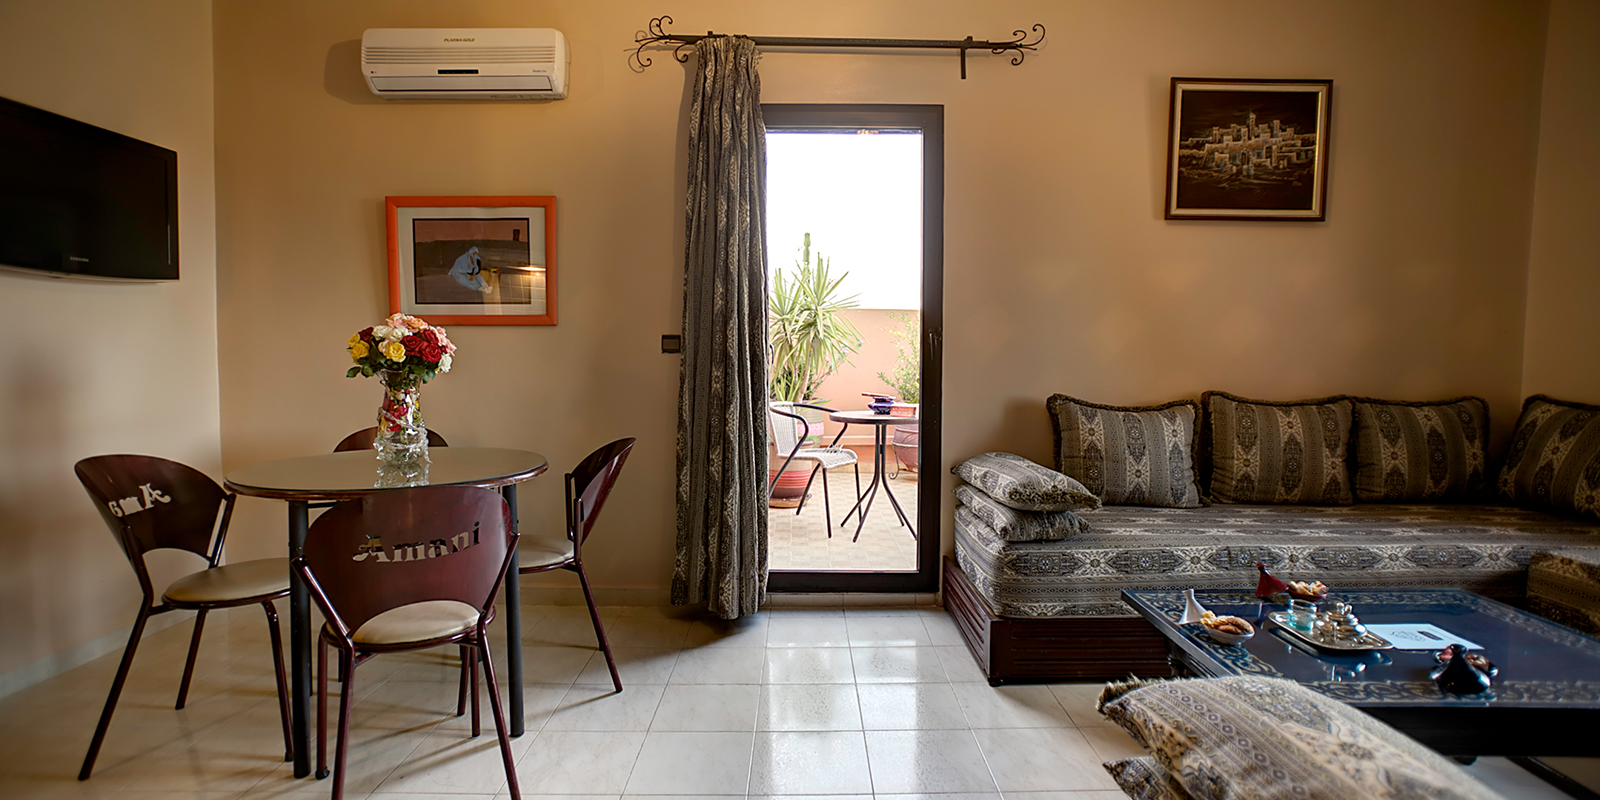 Carrelage Salle De Bain Sur Parquet Bois ~ Suites Seniors H Tel Amani